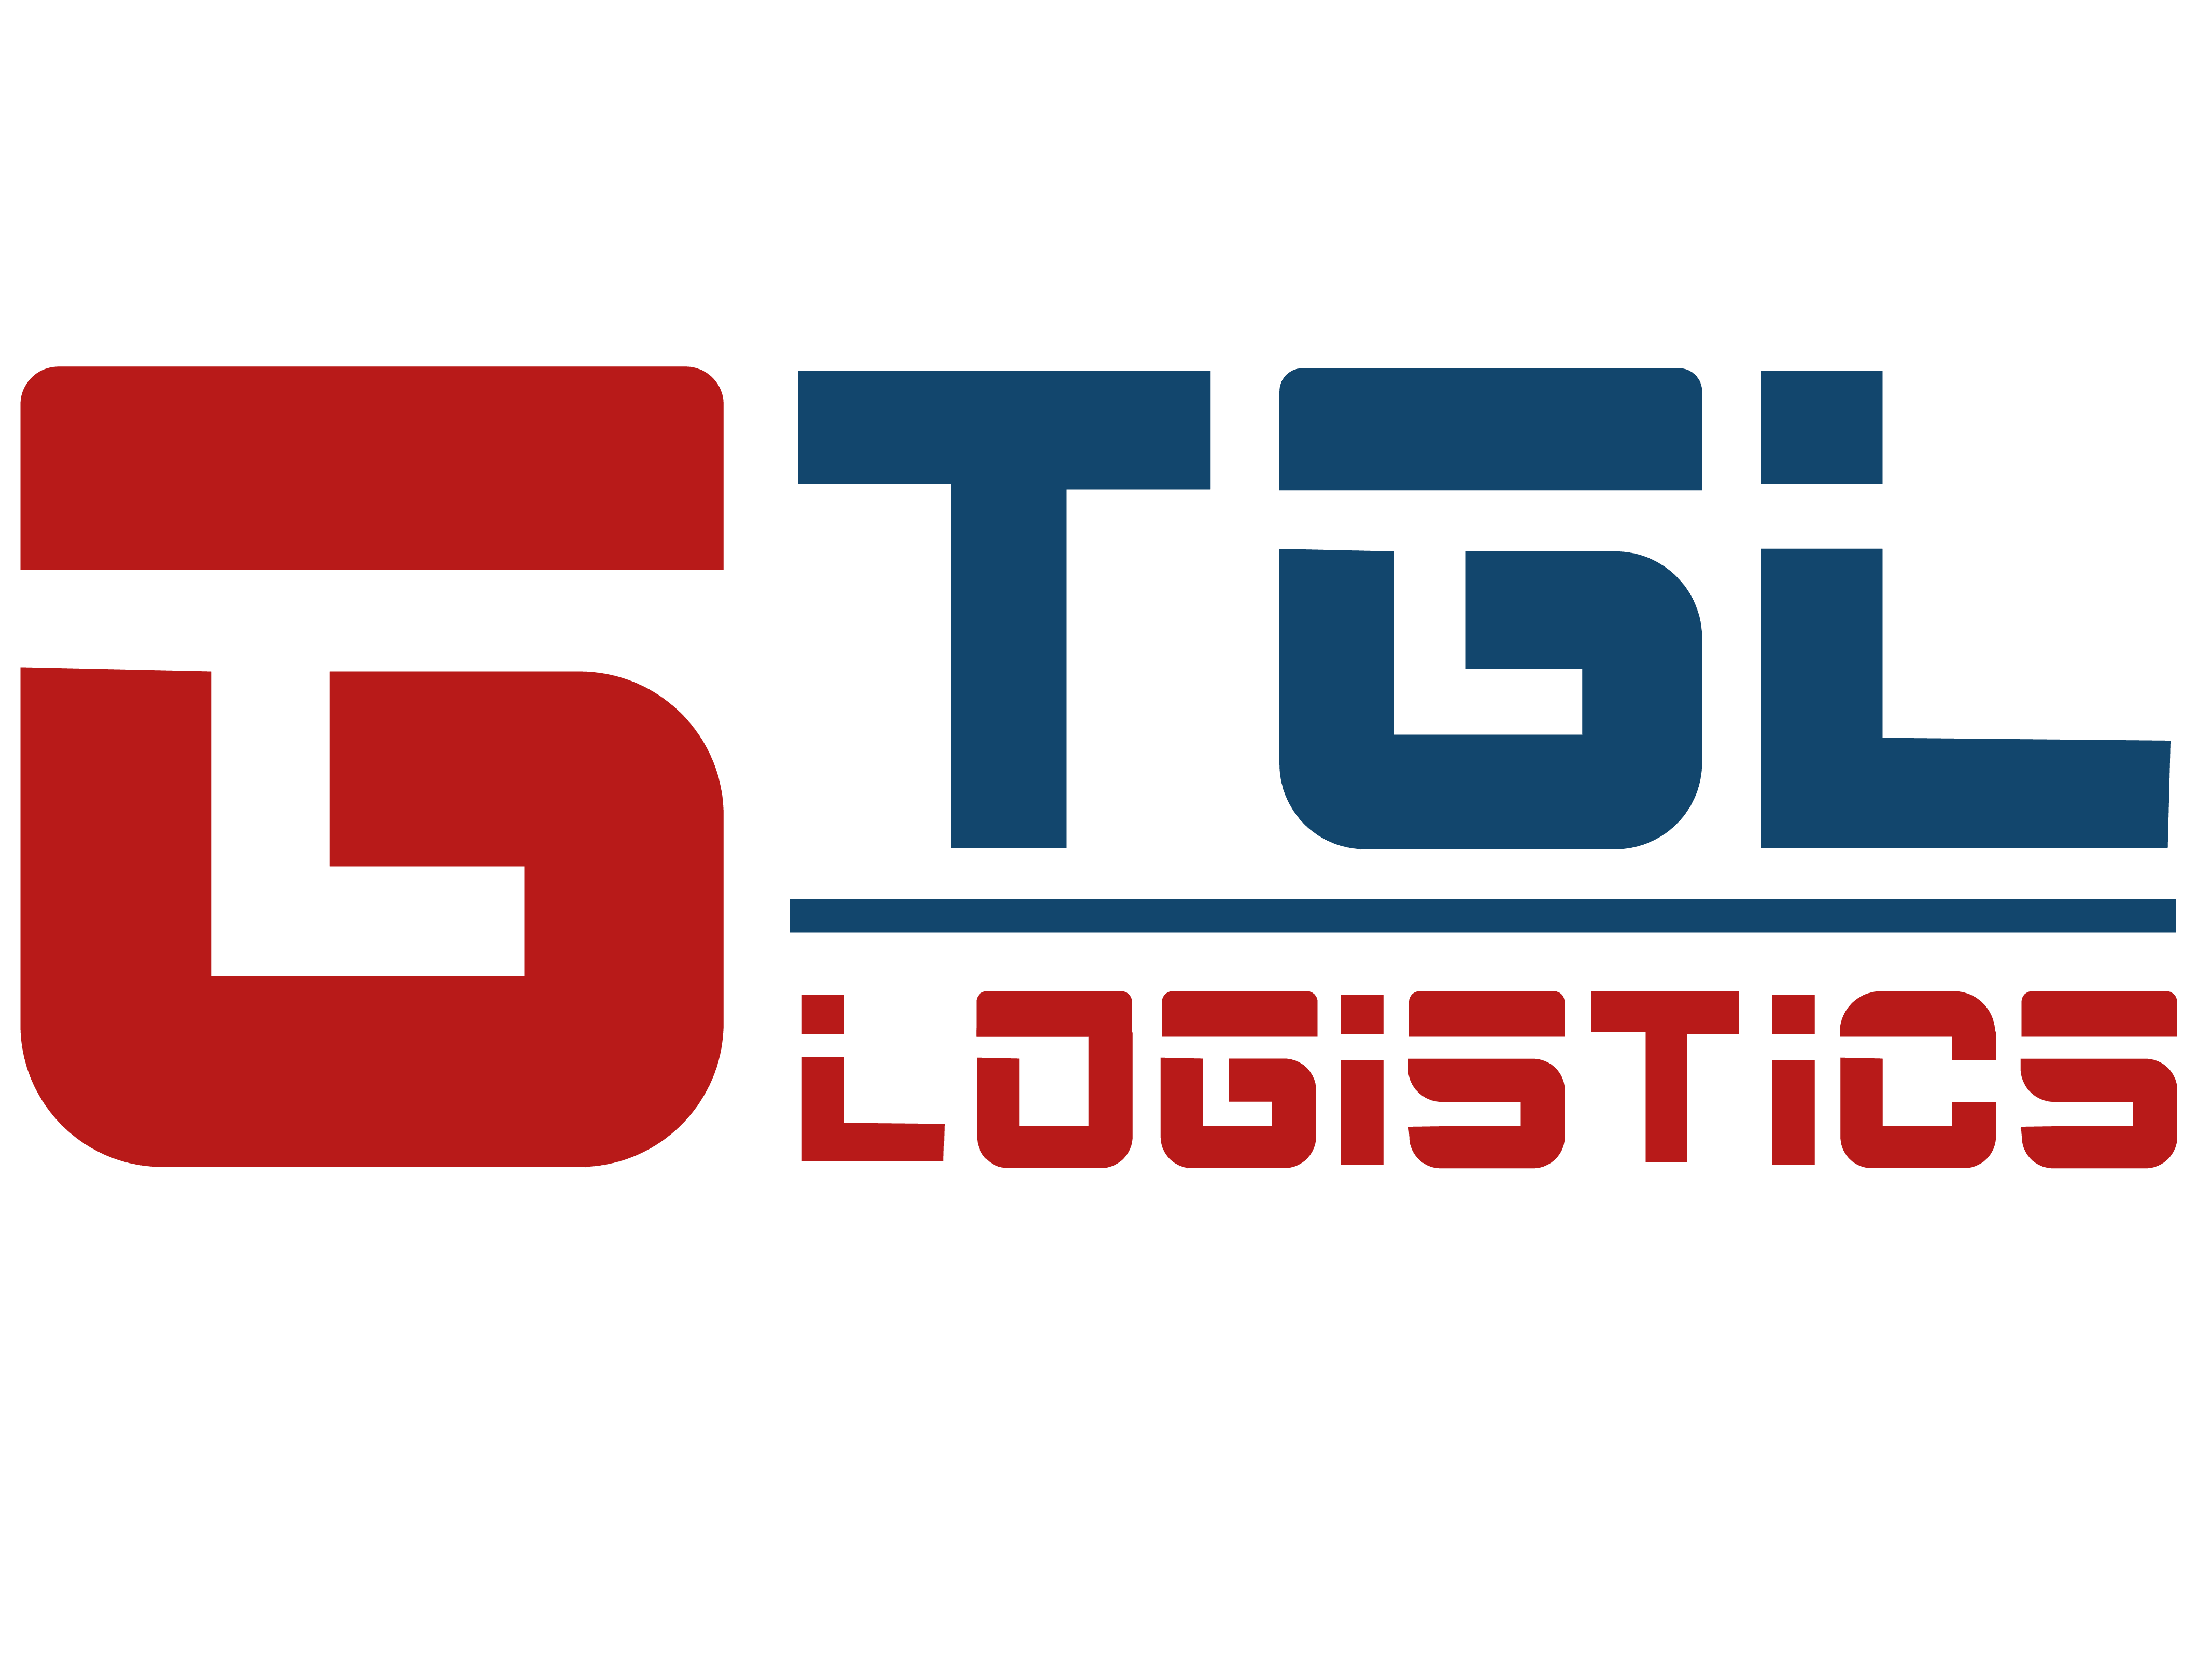 logos-de-clientes-102-min